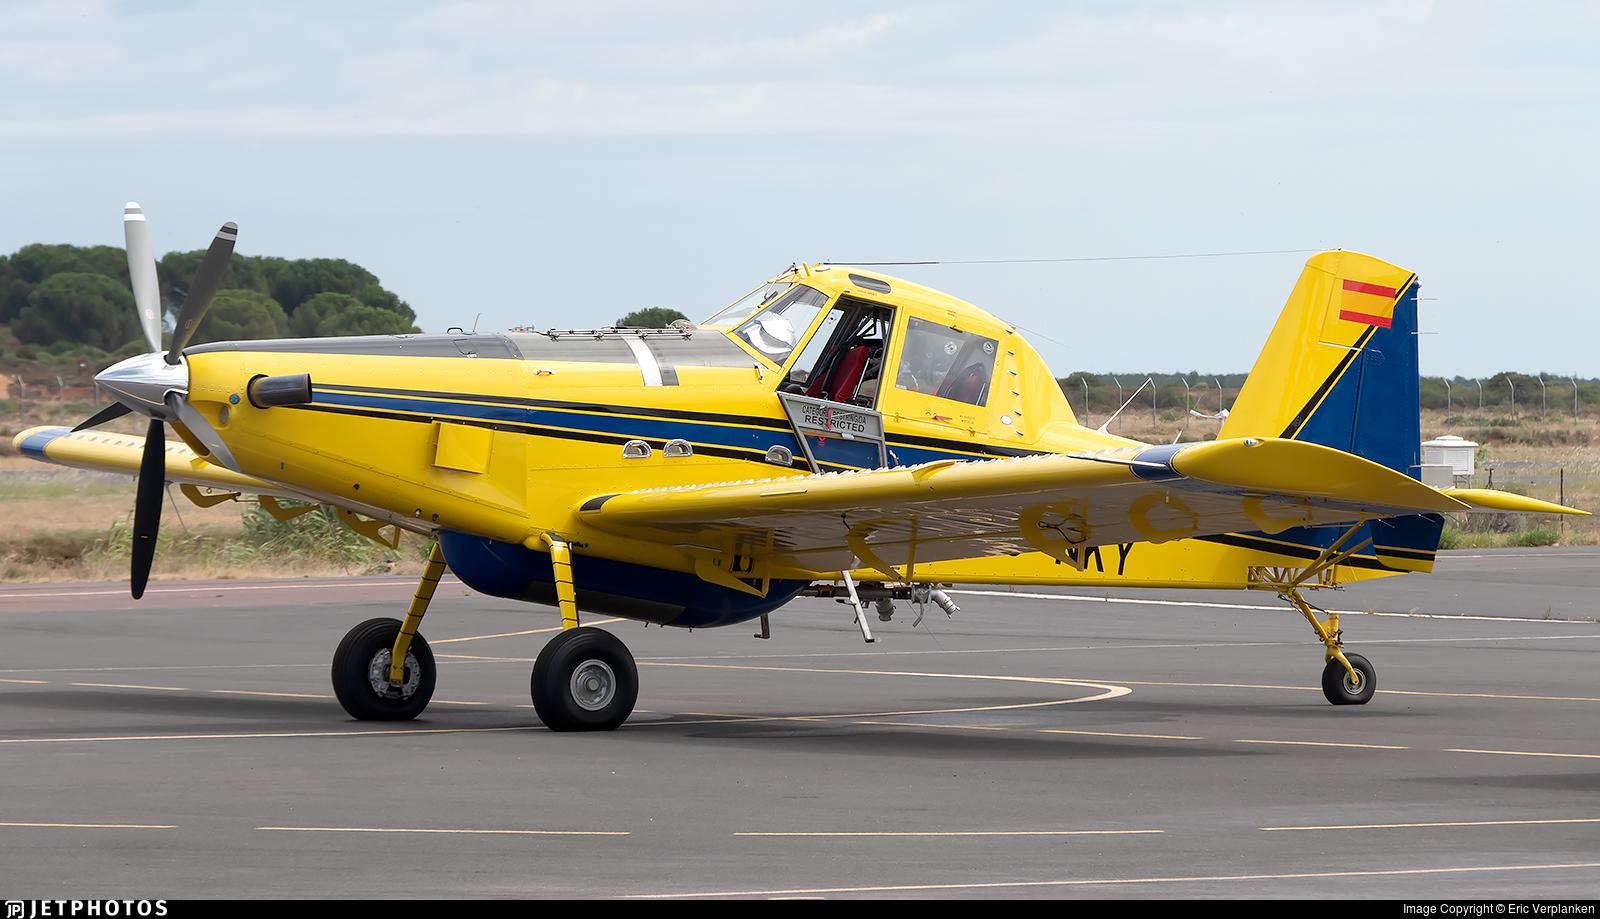 EC-NKY - Air Tractor AT-802 - Avialsa